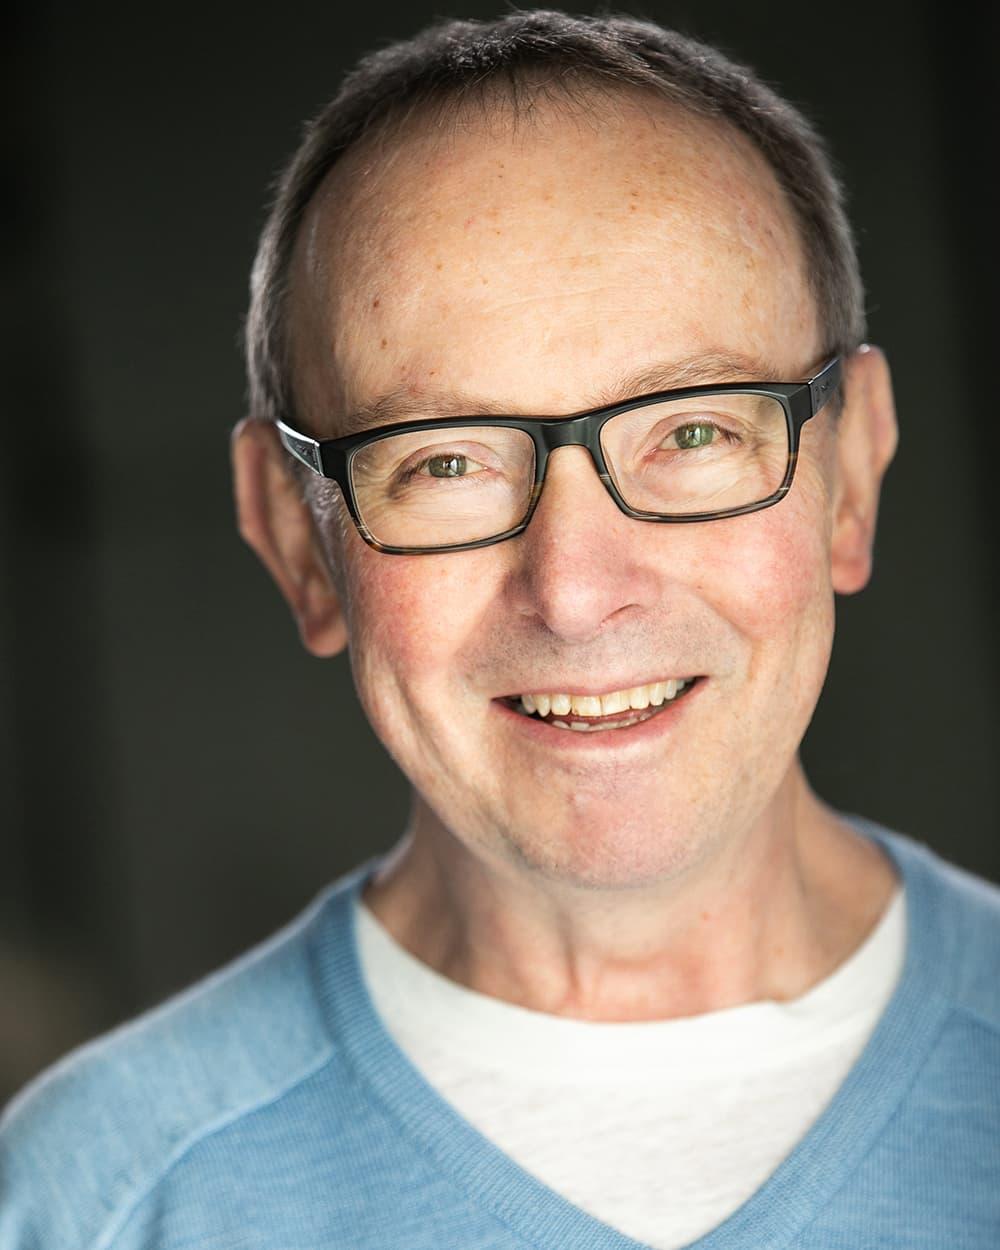 Tim Benton